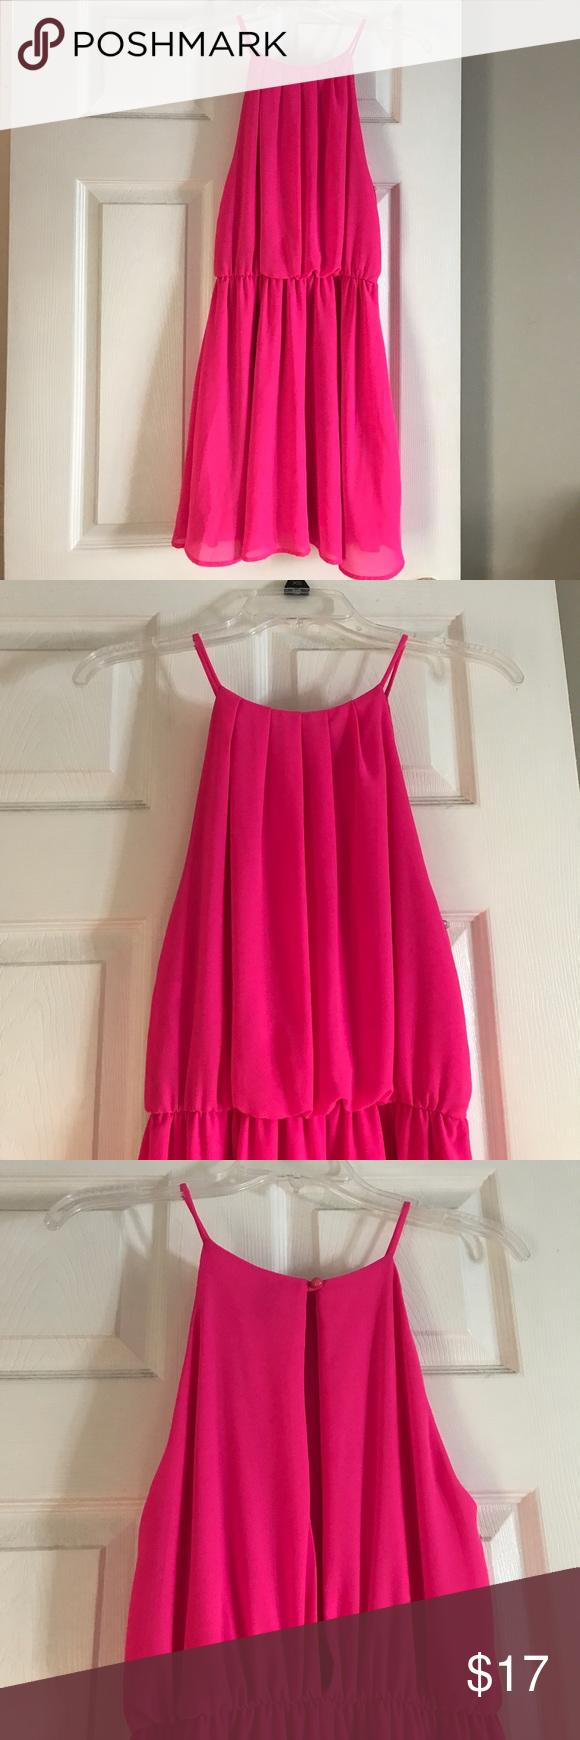 Hot pink color dress  Windsor Hot pink dress  Hot pink dresses Windsor FC and Pink dresses